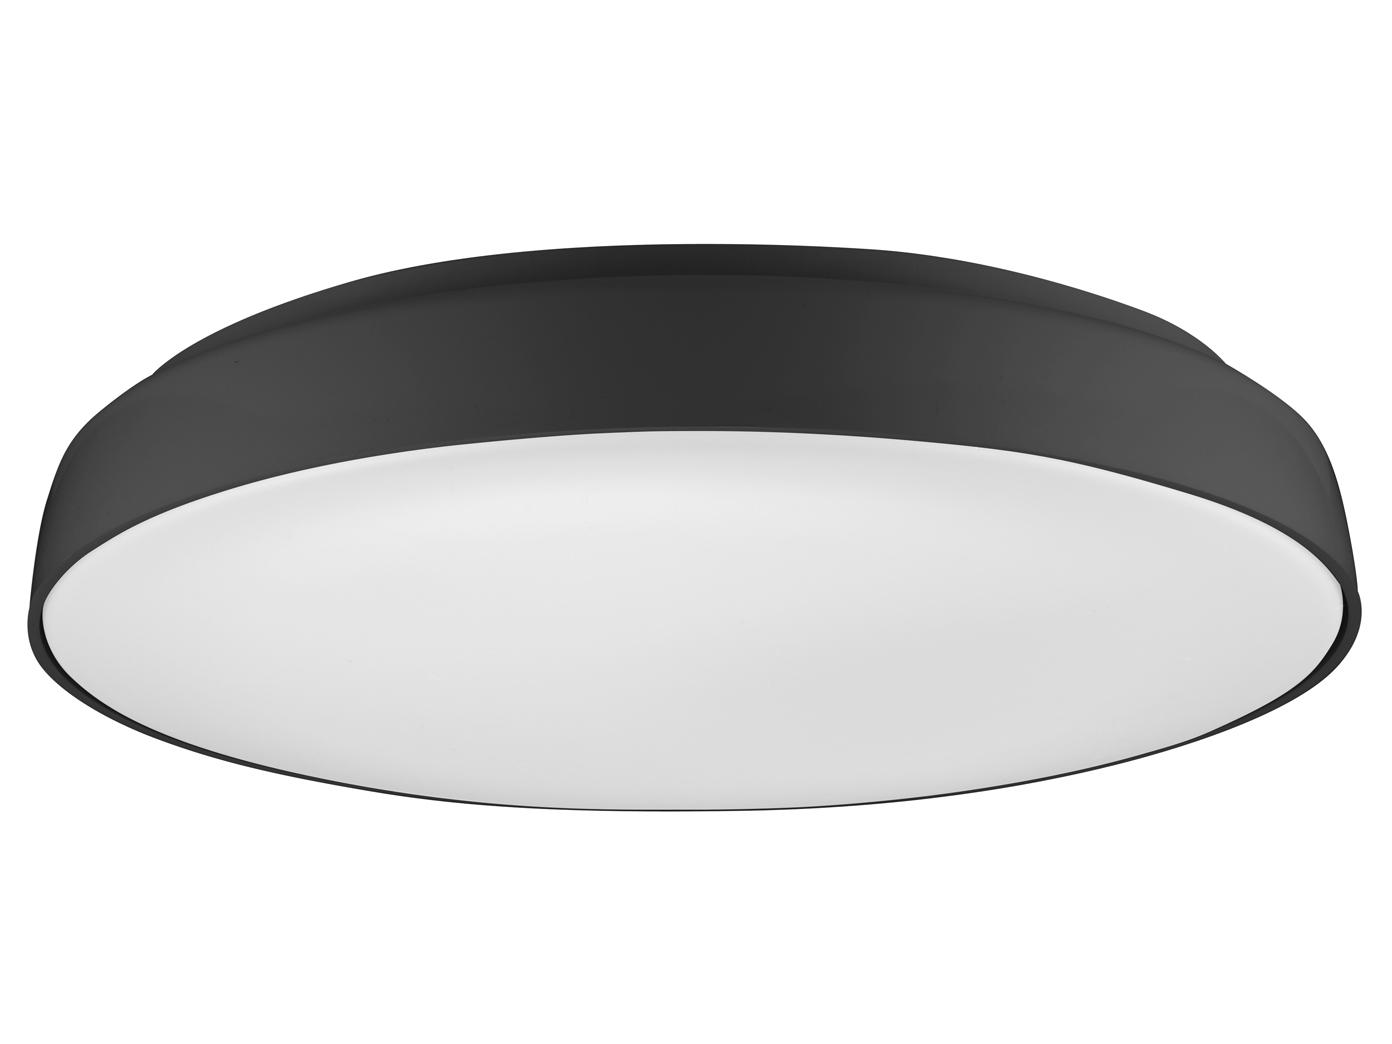 Schlafzimmer Lampe E27 Deckenleuchte Modern Deckenlampe ...